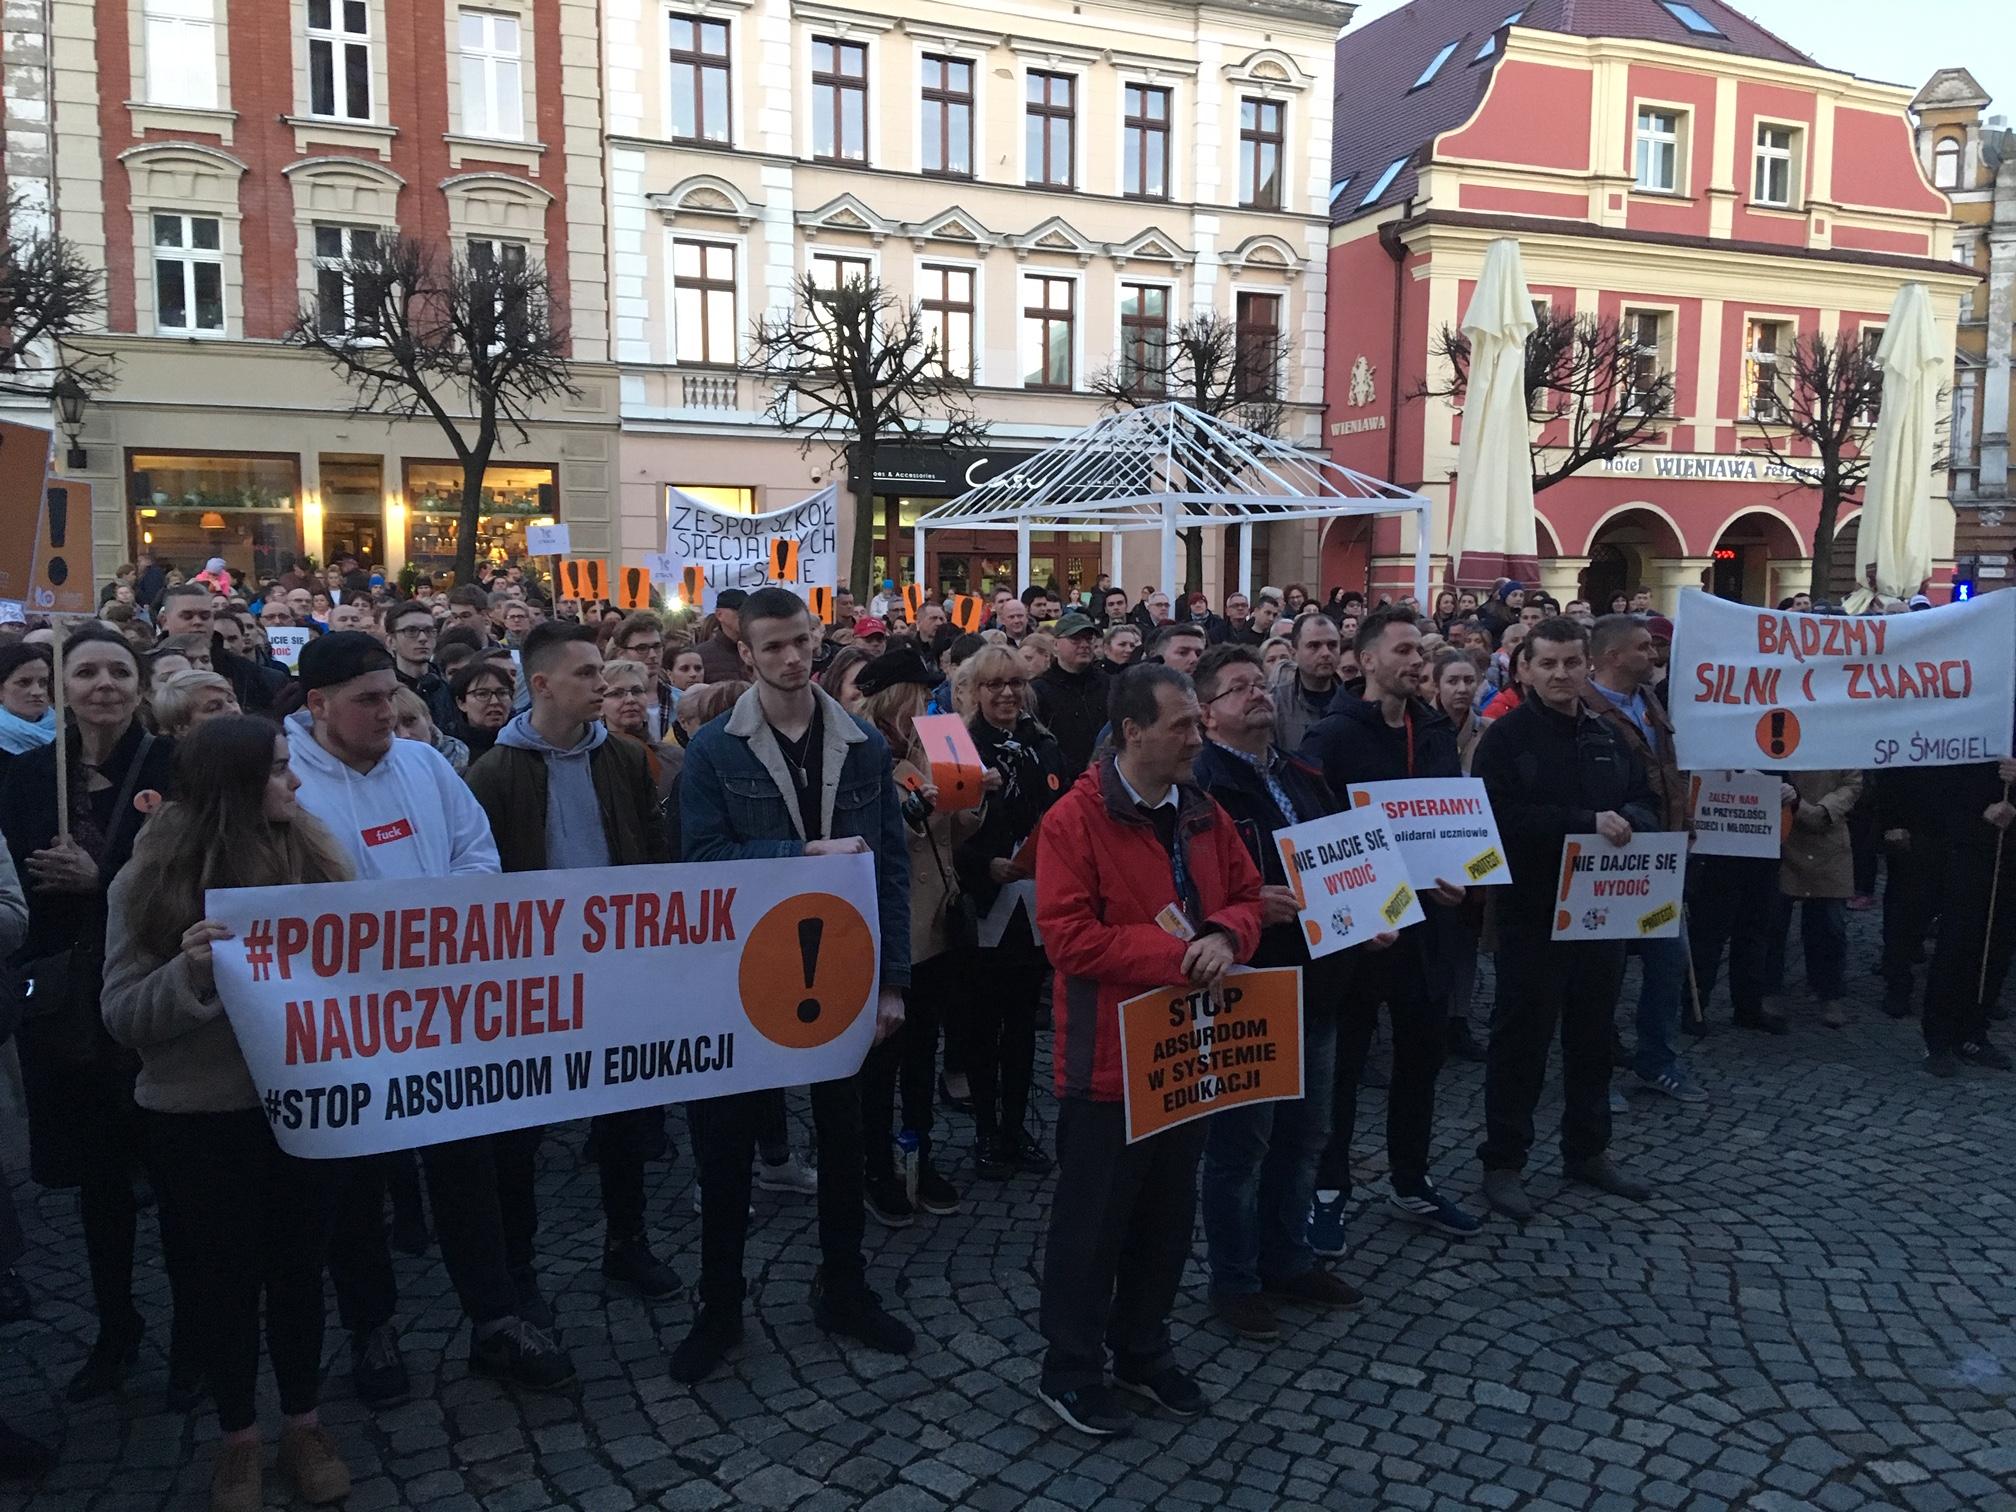 wiec poparcia nauczyciele strajk 2019 - Jacek Marciniak